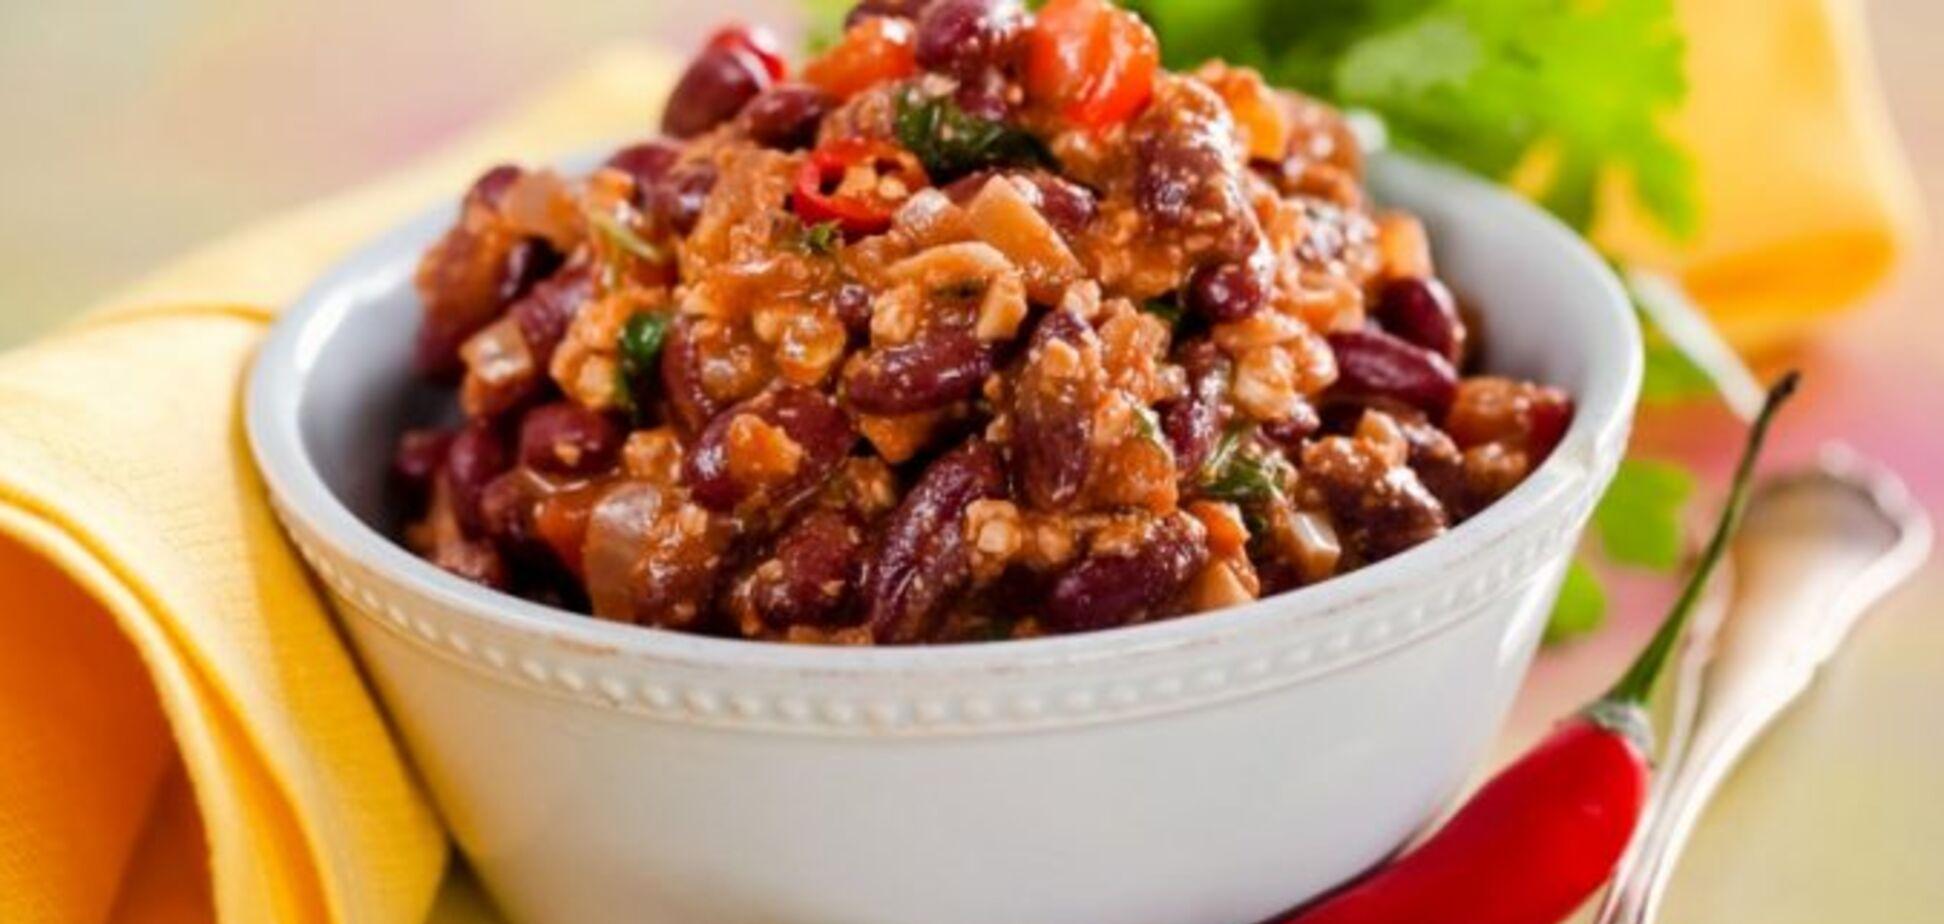 Швидкий рецепт надсмачної грузинської страви з м'ясом